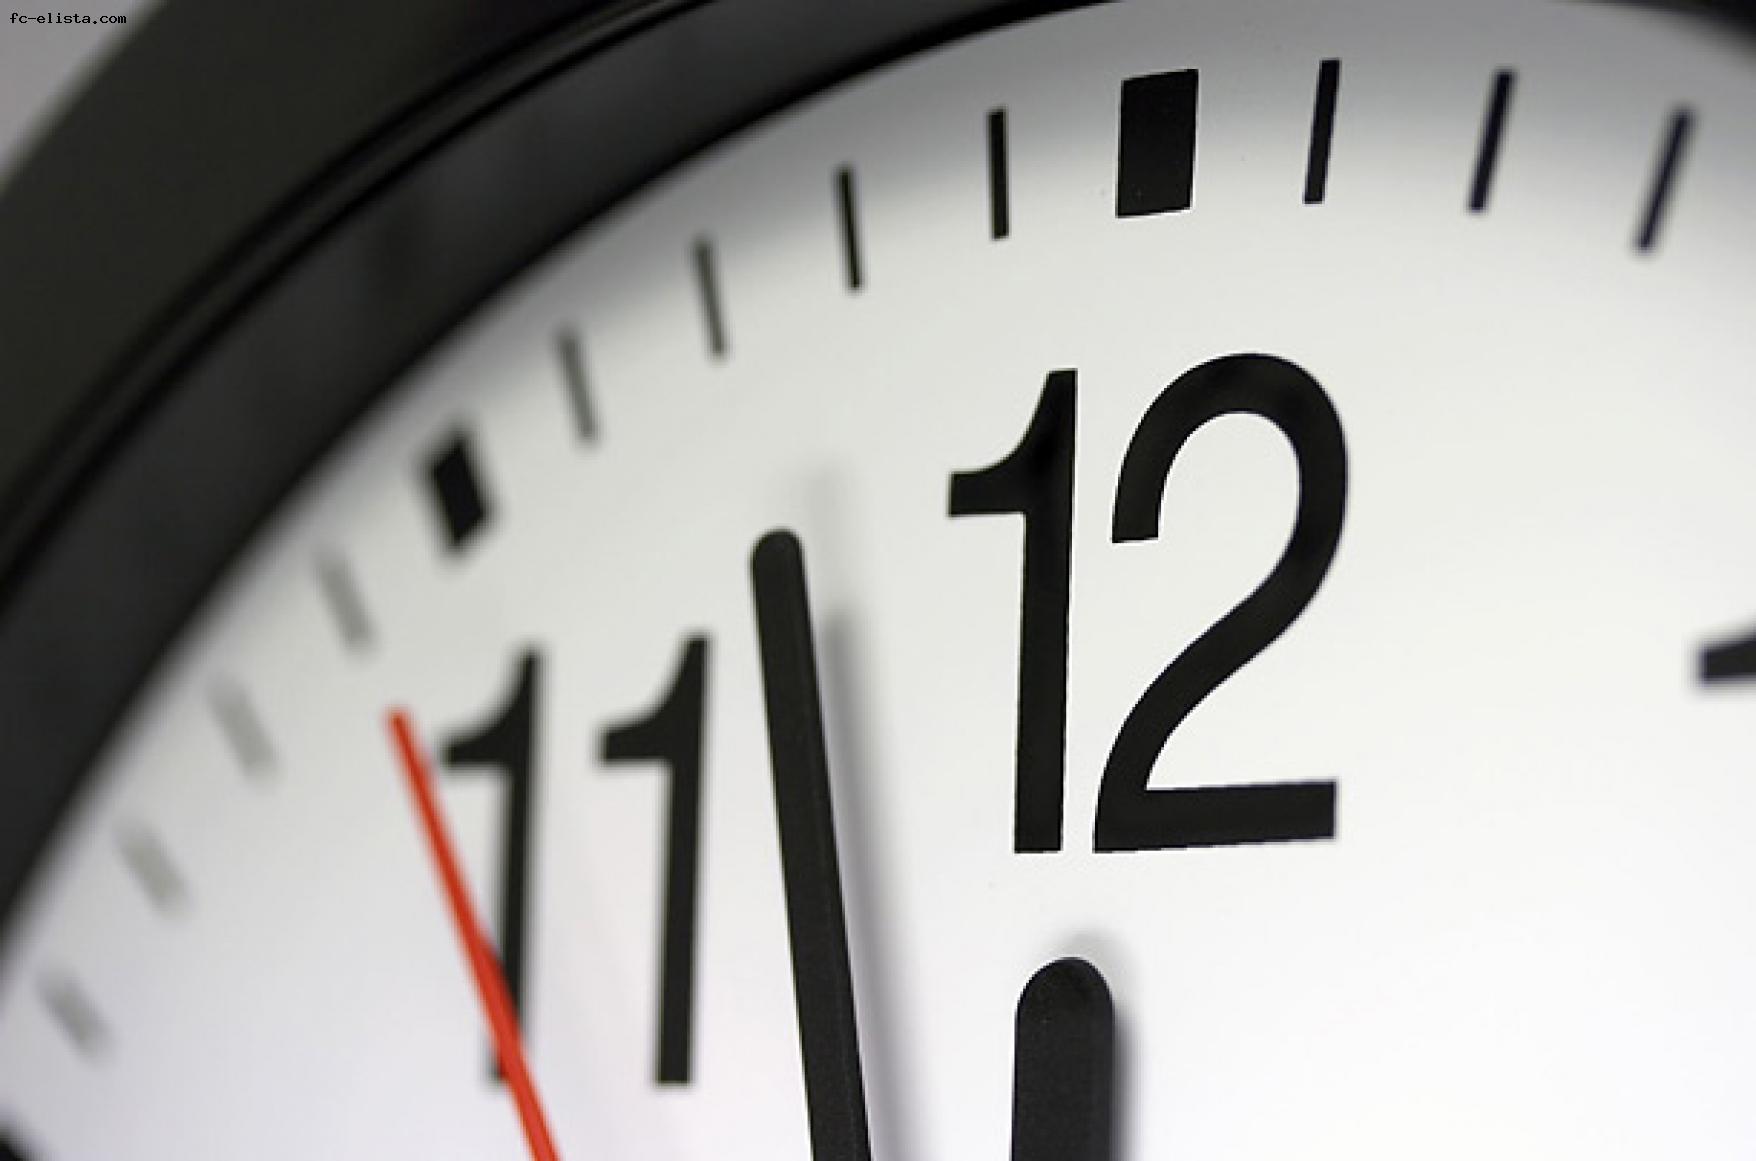 Γιατί ο χρόνος περνάει πιο γρήγορα όσο μεγαλώνουμε